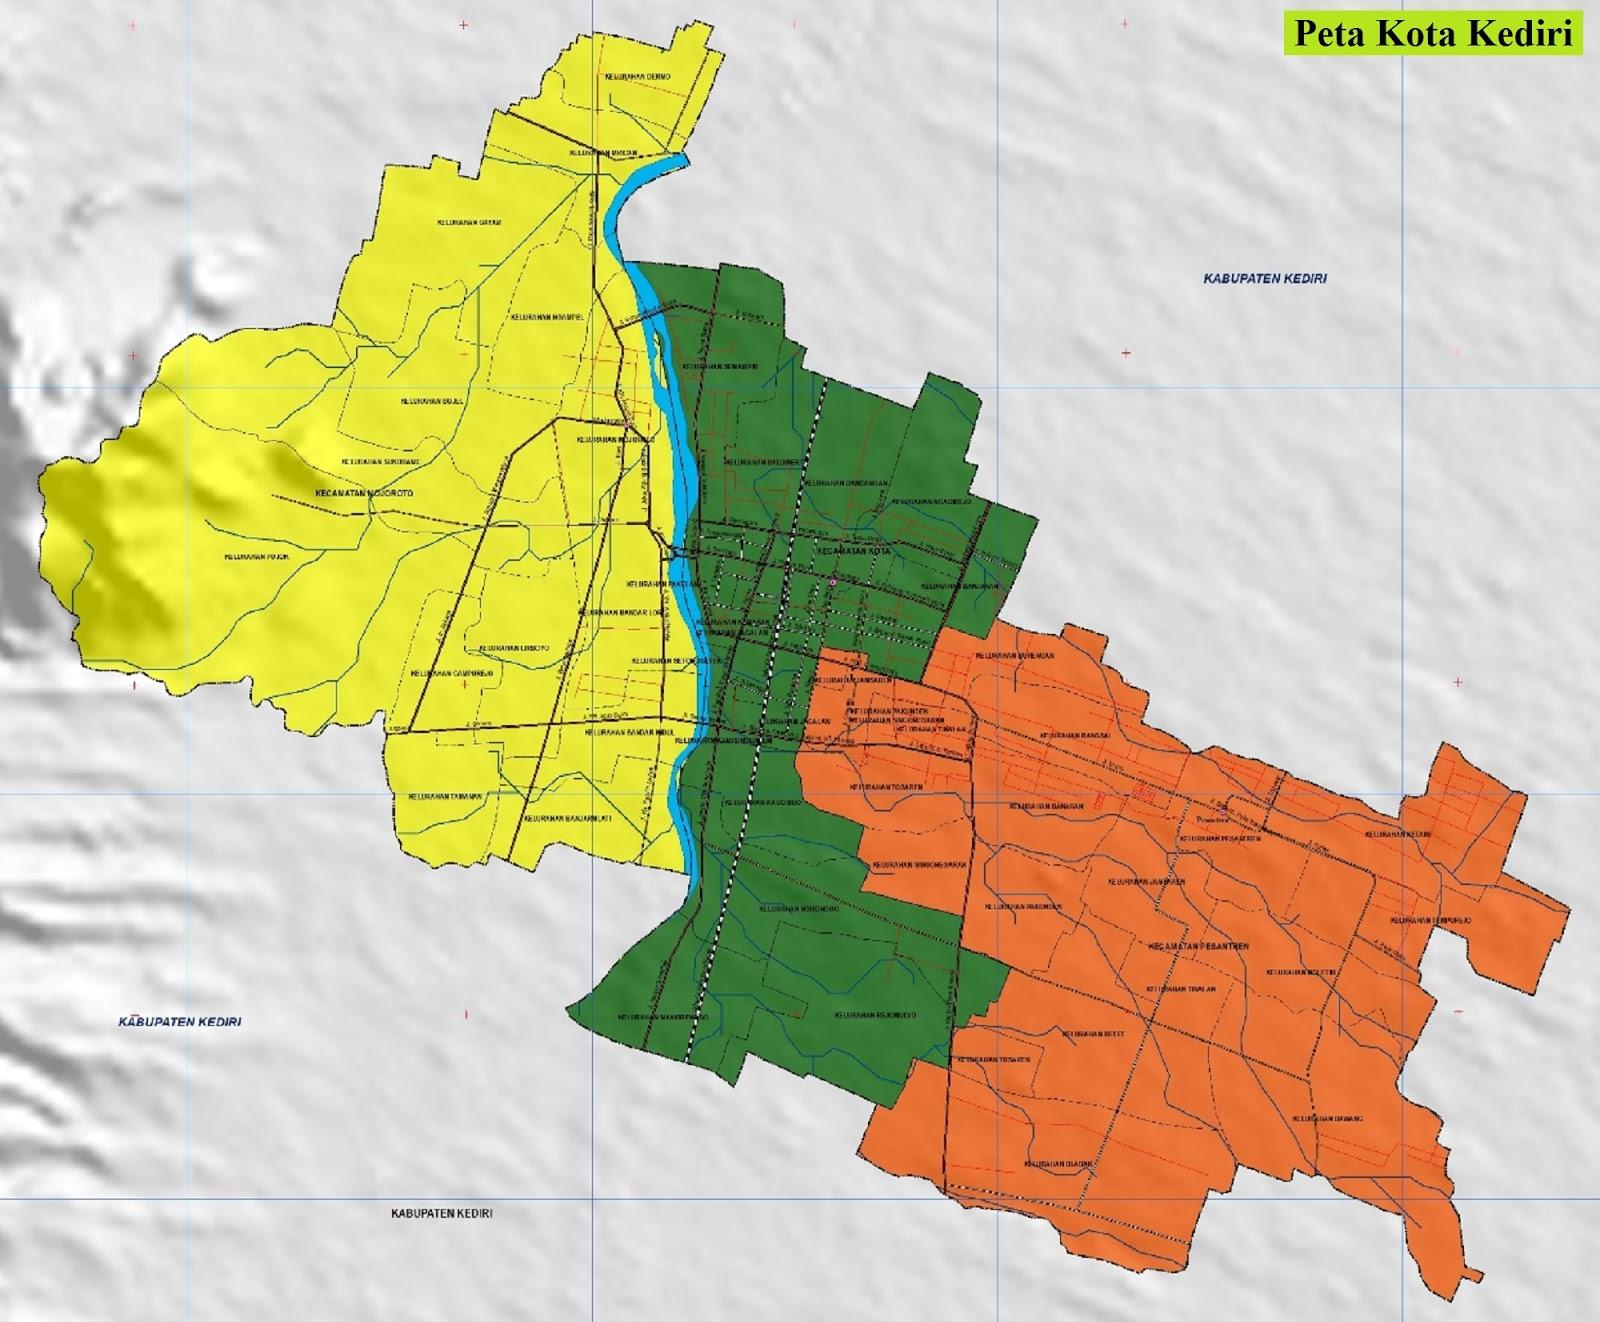 Peta Kota Kediri